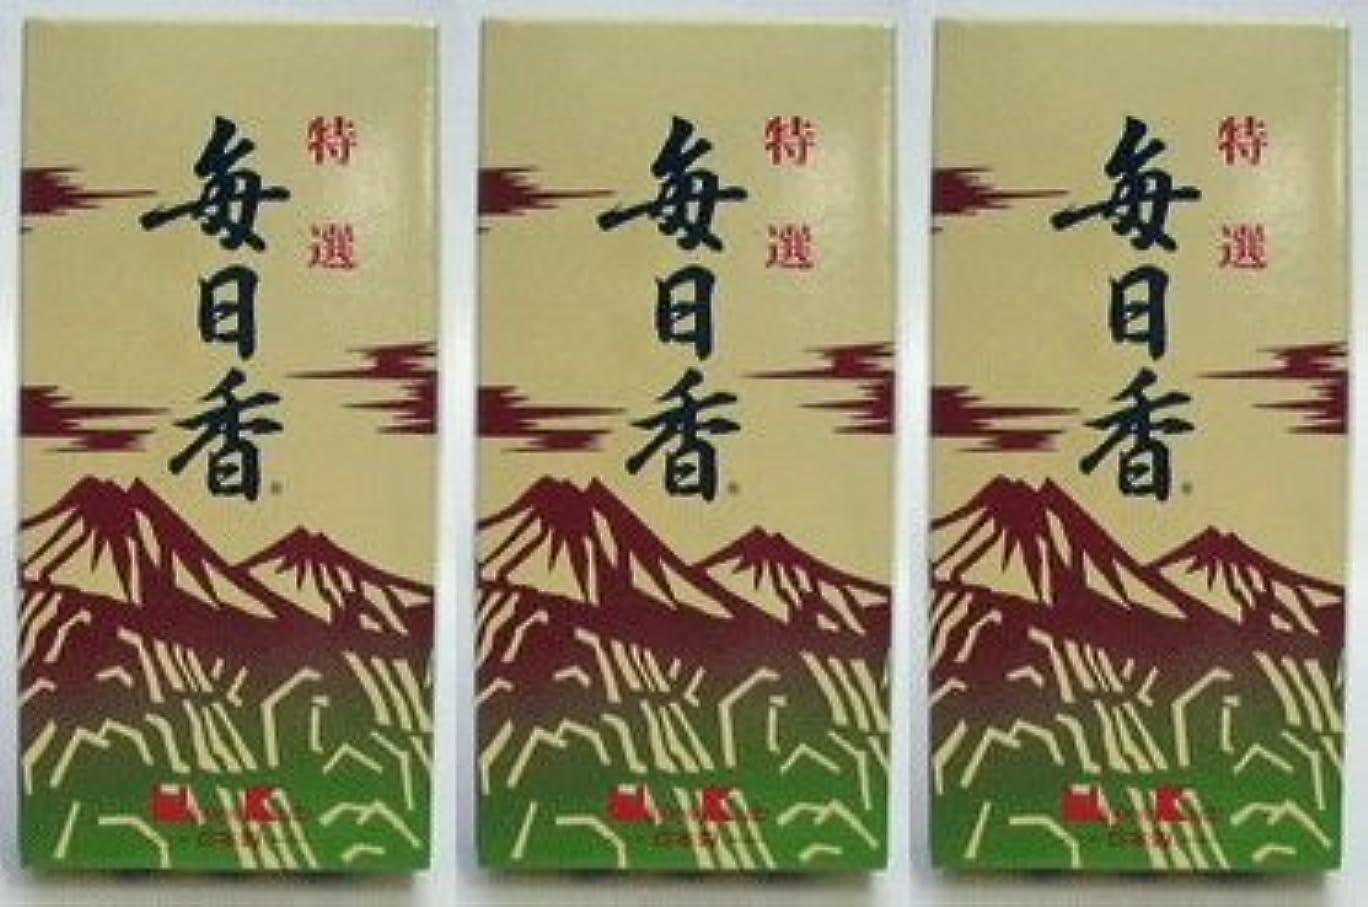 ノイズクラッチリボン日本香堂 特選毎日香 バラ詰 (3)